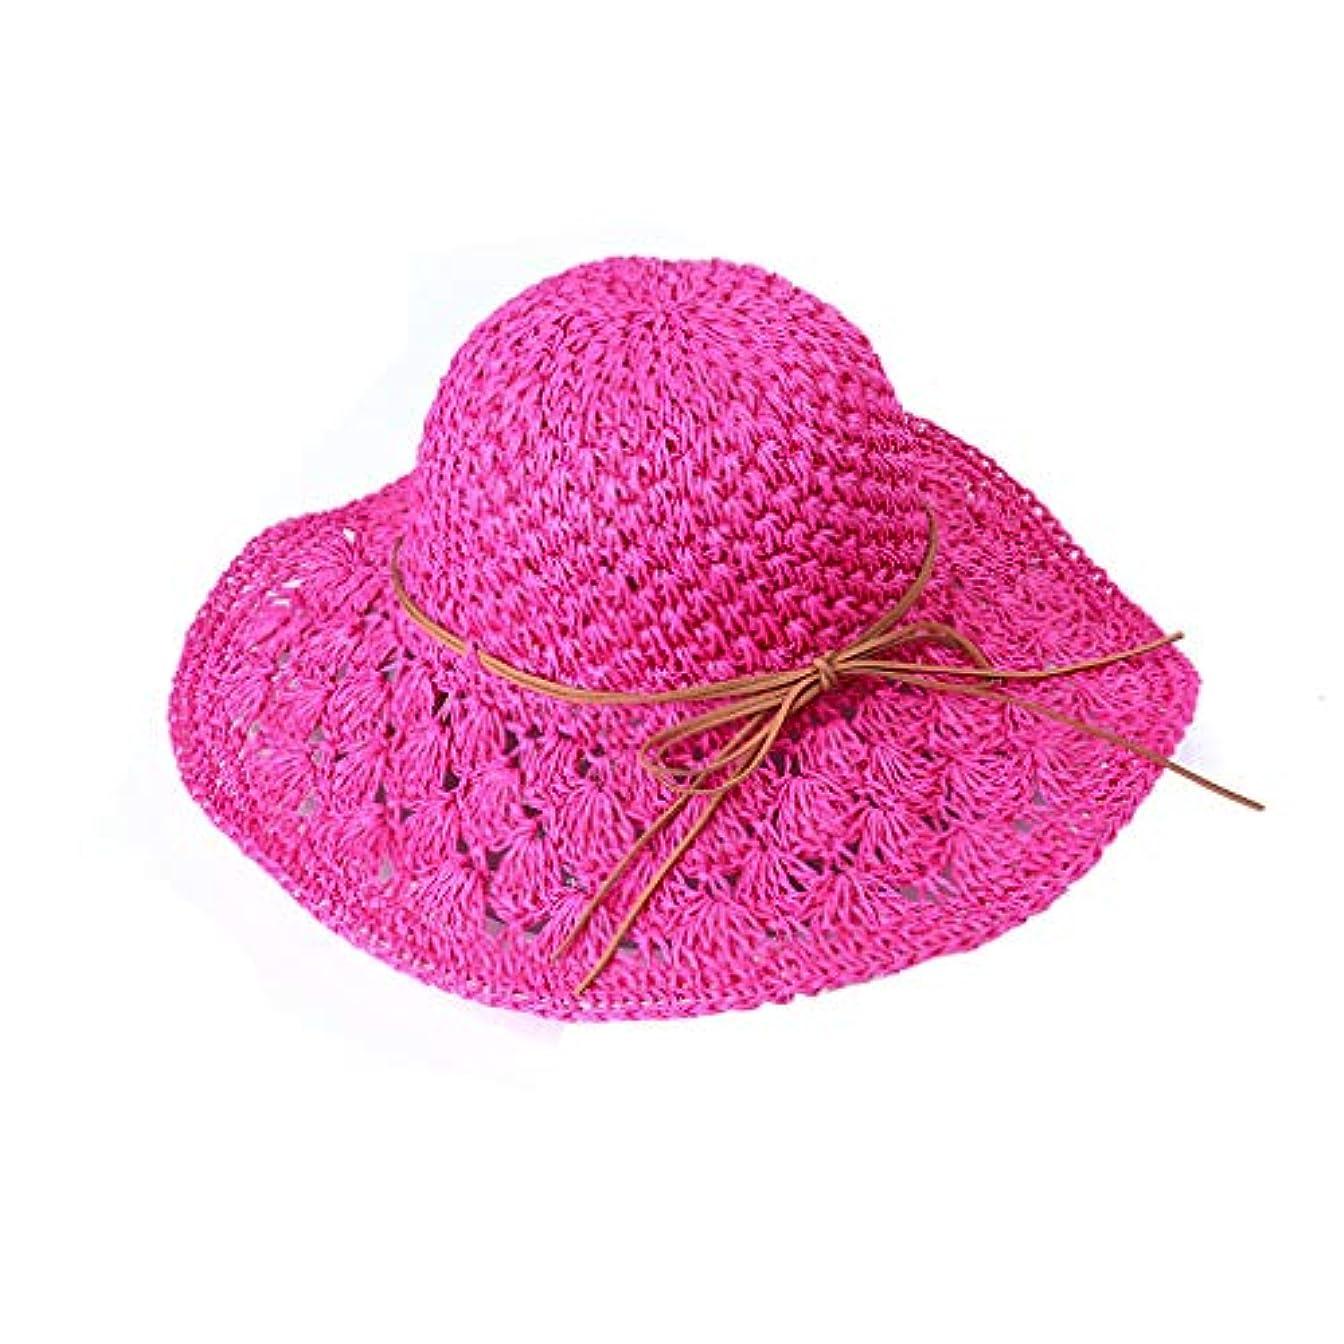 観光冷蔵庫砂帽子 レディース UVカット uv帽 熱中症予防 広幅 取り外すあご紐 スナップ収納 折りたたみ つば広 調節テープ 吸汗通気 つば広 紫外線カット サファリハット 紫外線対策 おしゃれ 高級感 ROSE ROMAN